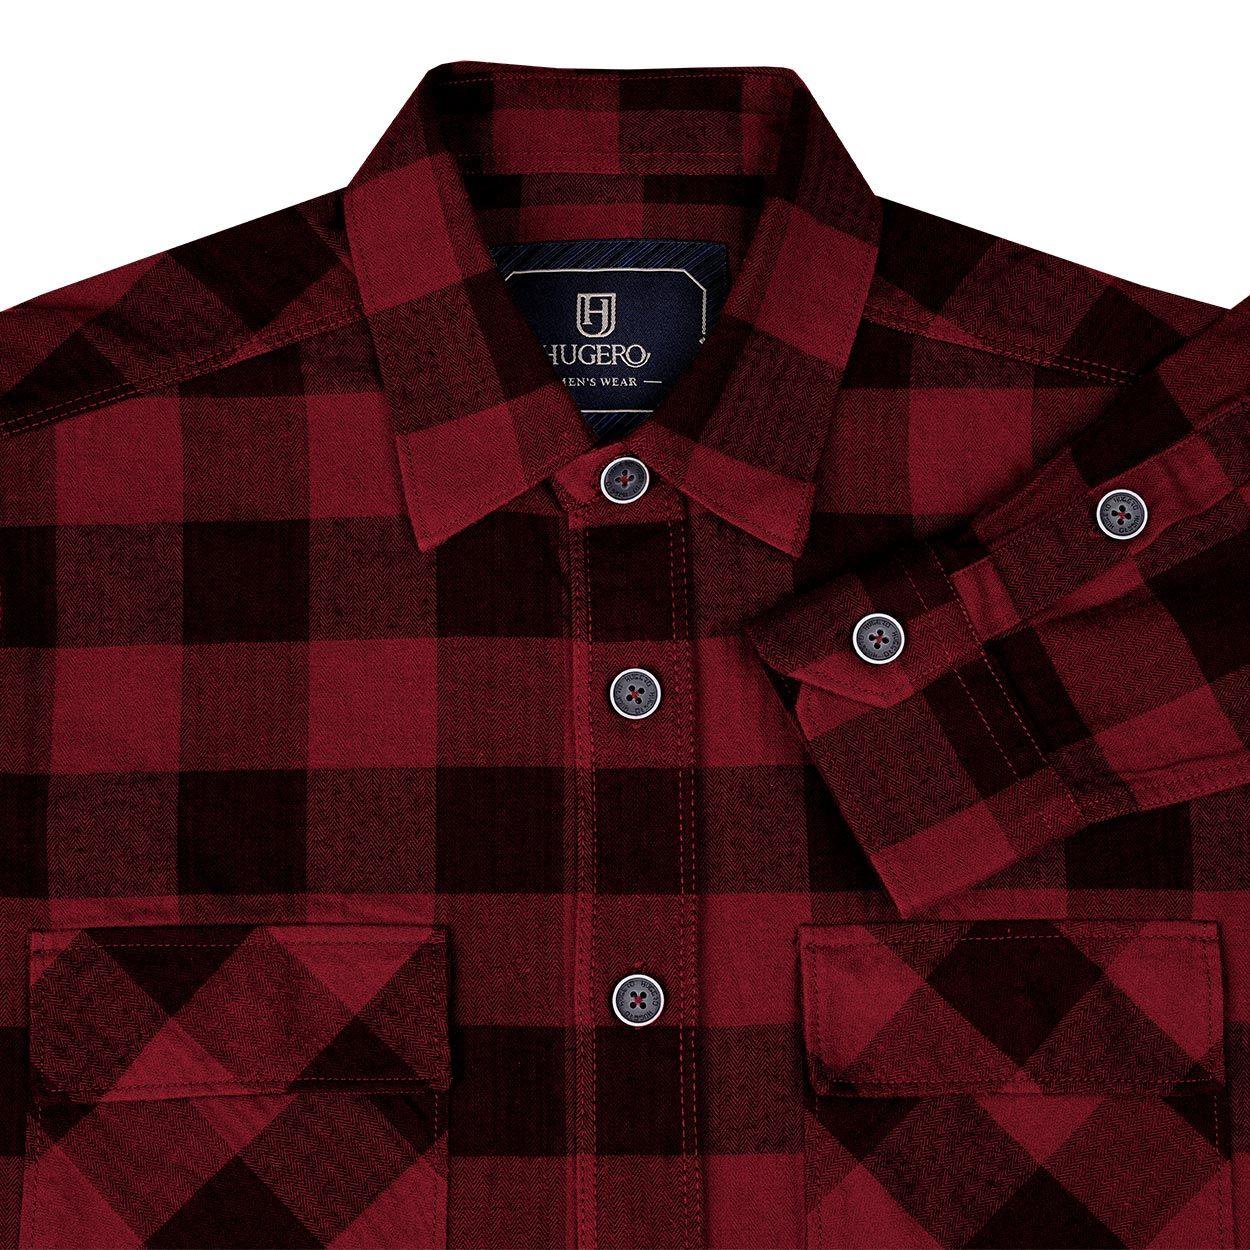 پیراهن آستین بلند مردانه جی تی هوگرو مدل 199525 -  - 4